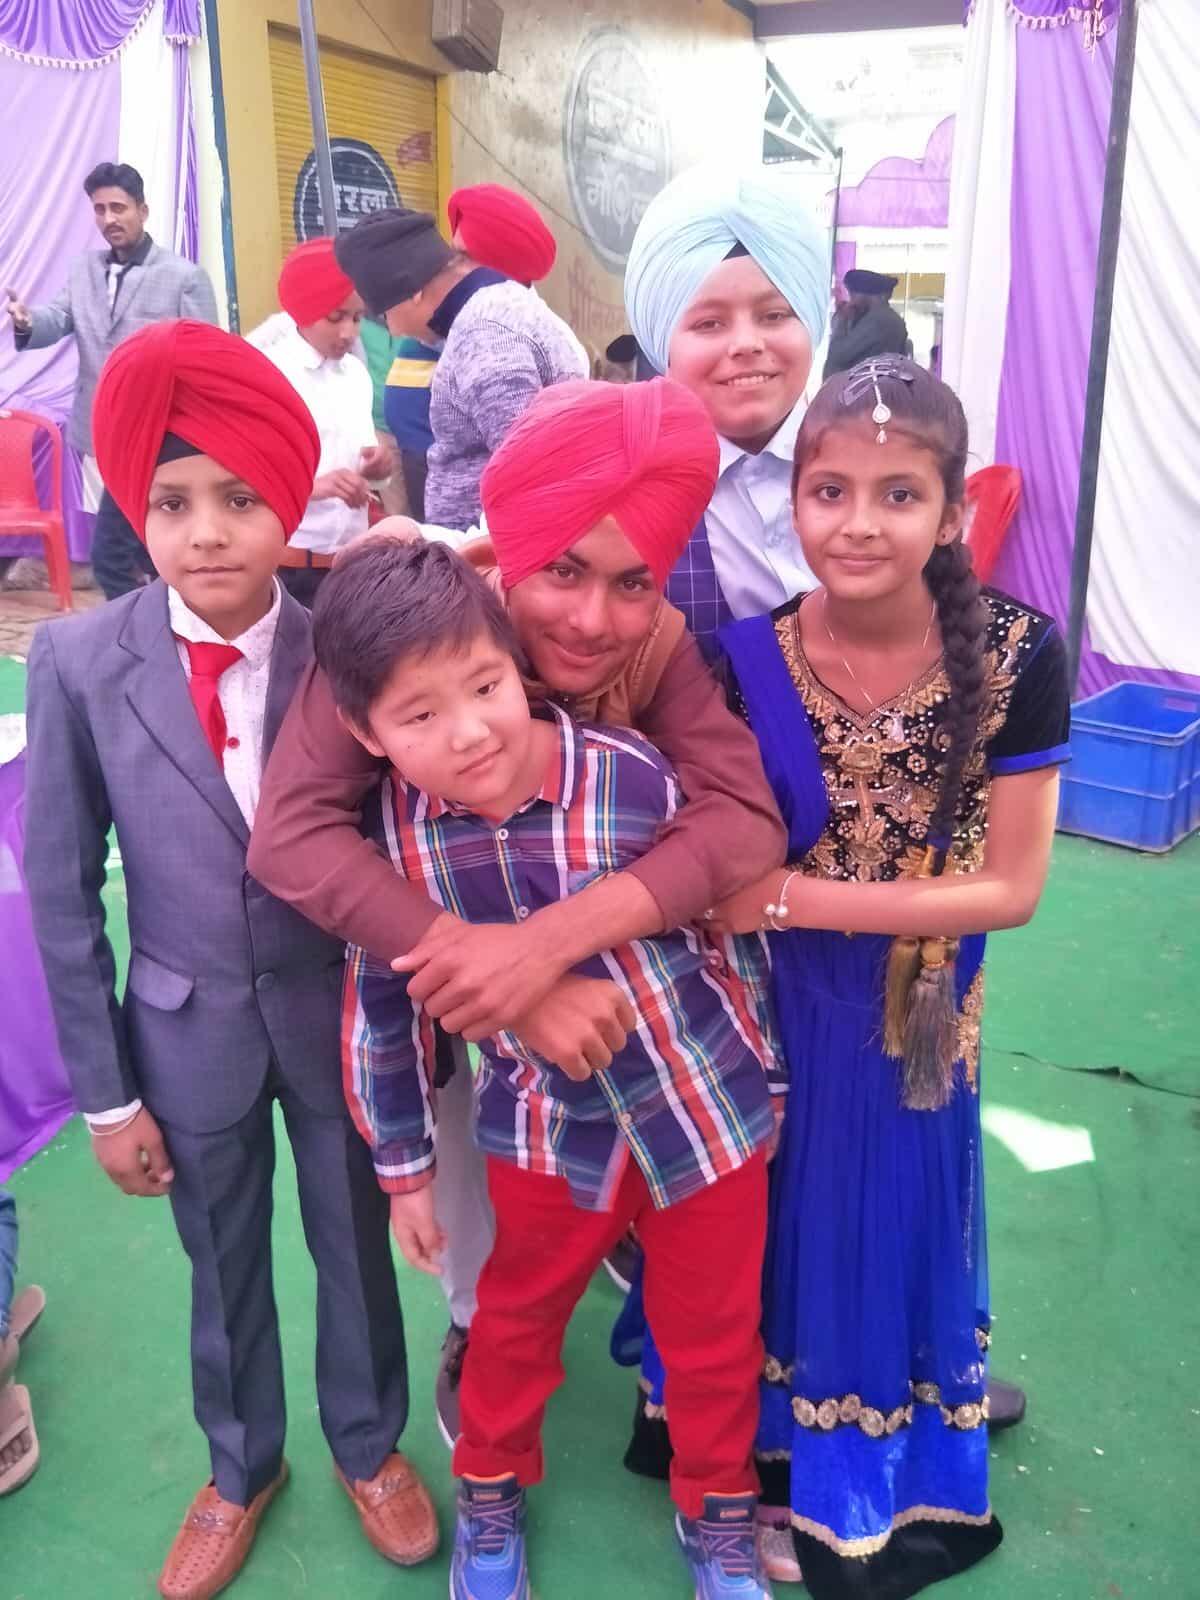 親愛的,我把孩子送到印度上學了:從臺灣家長的真實經驗看印度教育